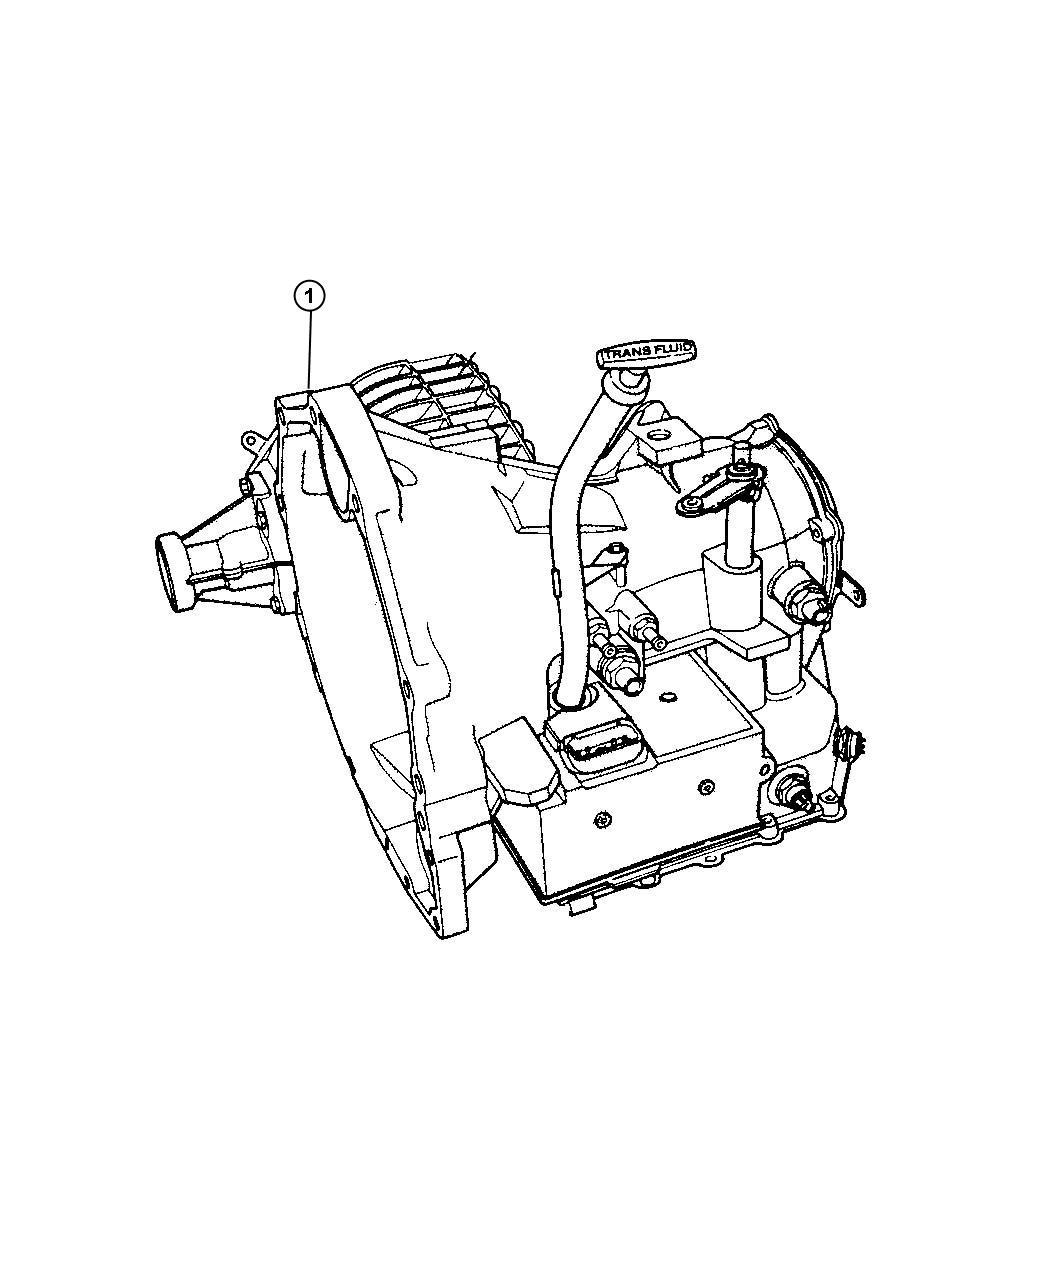 Chrysler Pt Cruiser 41te Tran With Torque Converter